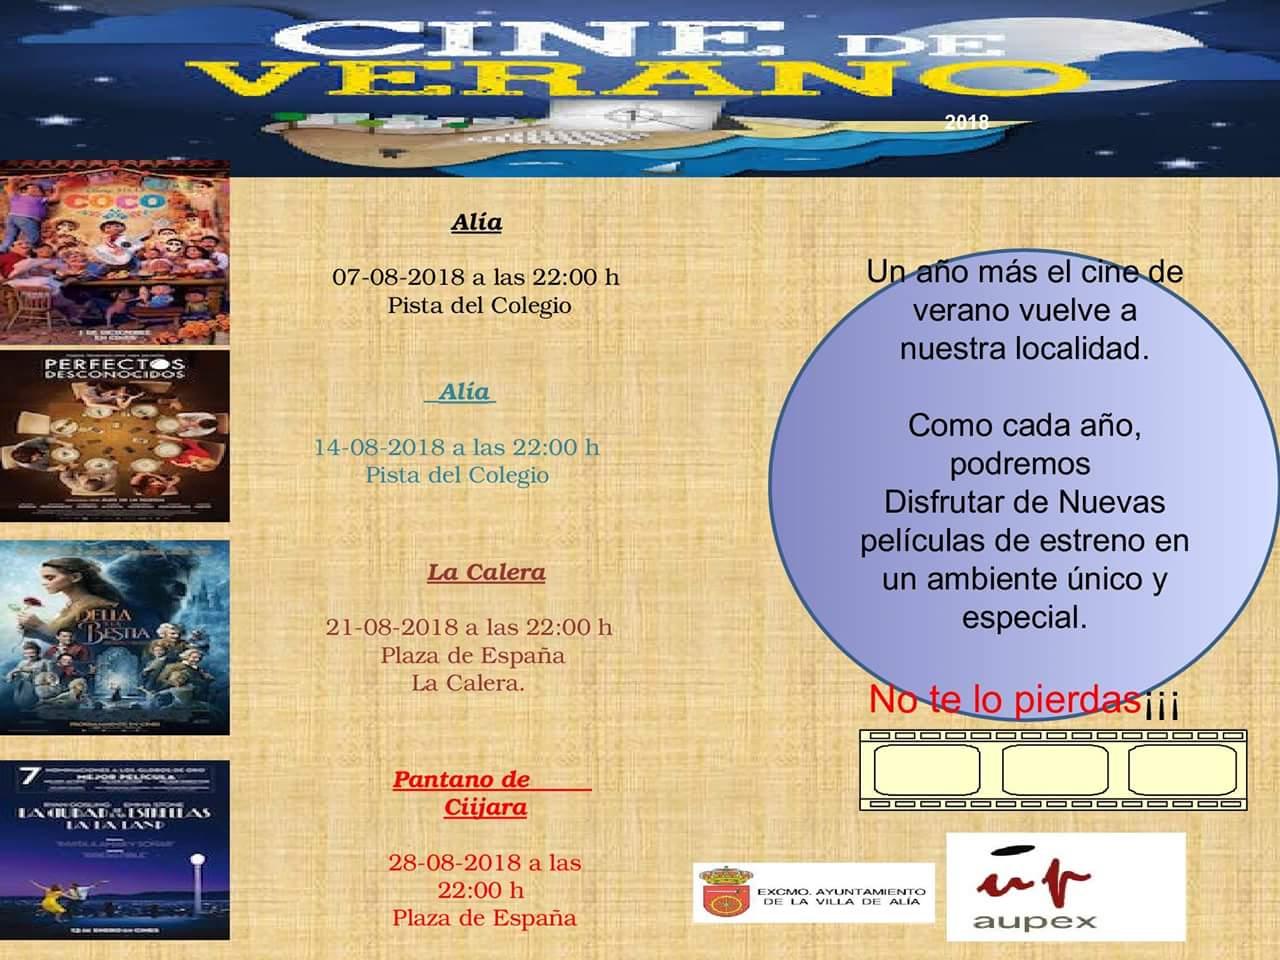 Cine de verano 2018 - Alía (Cáceres)